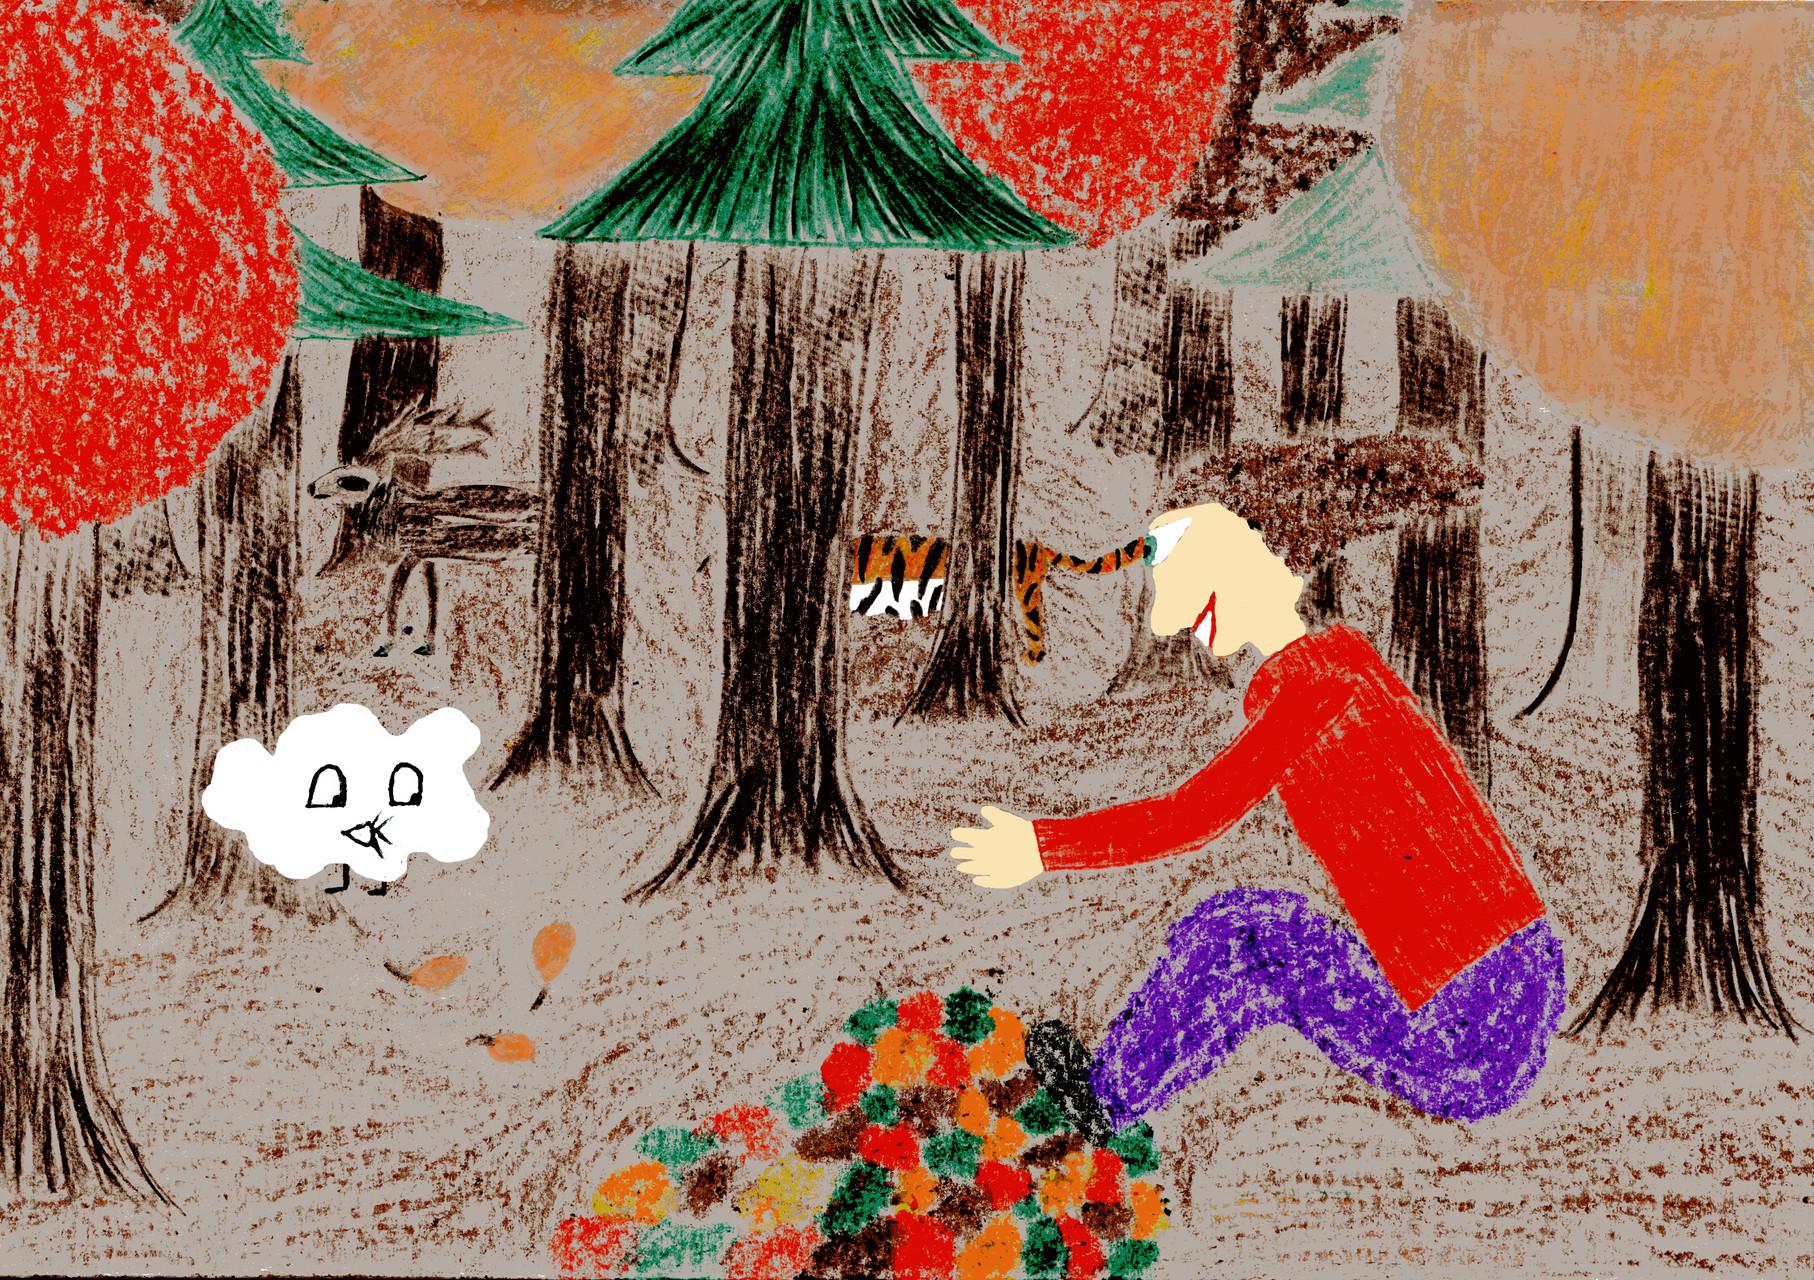 Dorothea und ihre Freunde spielen im herbstlichen Wald